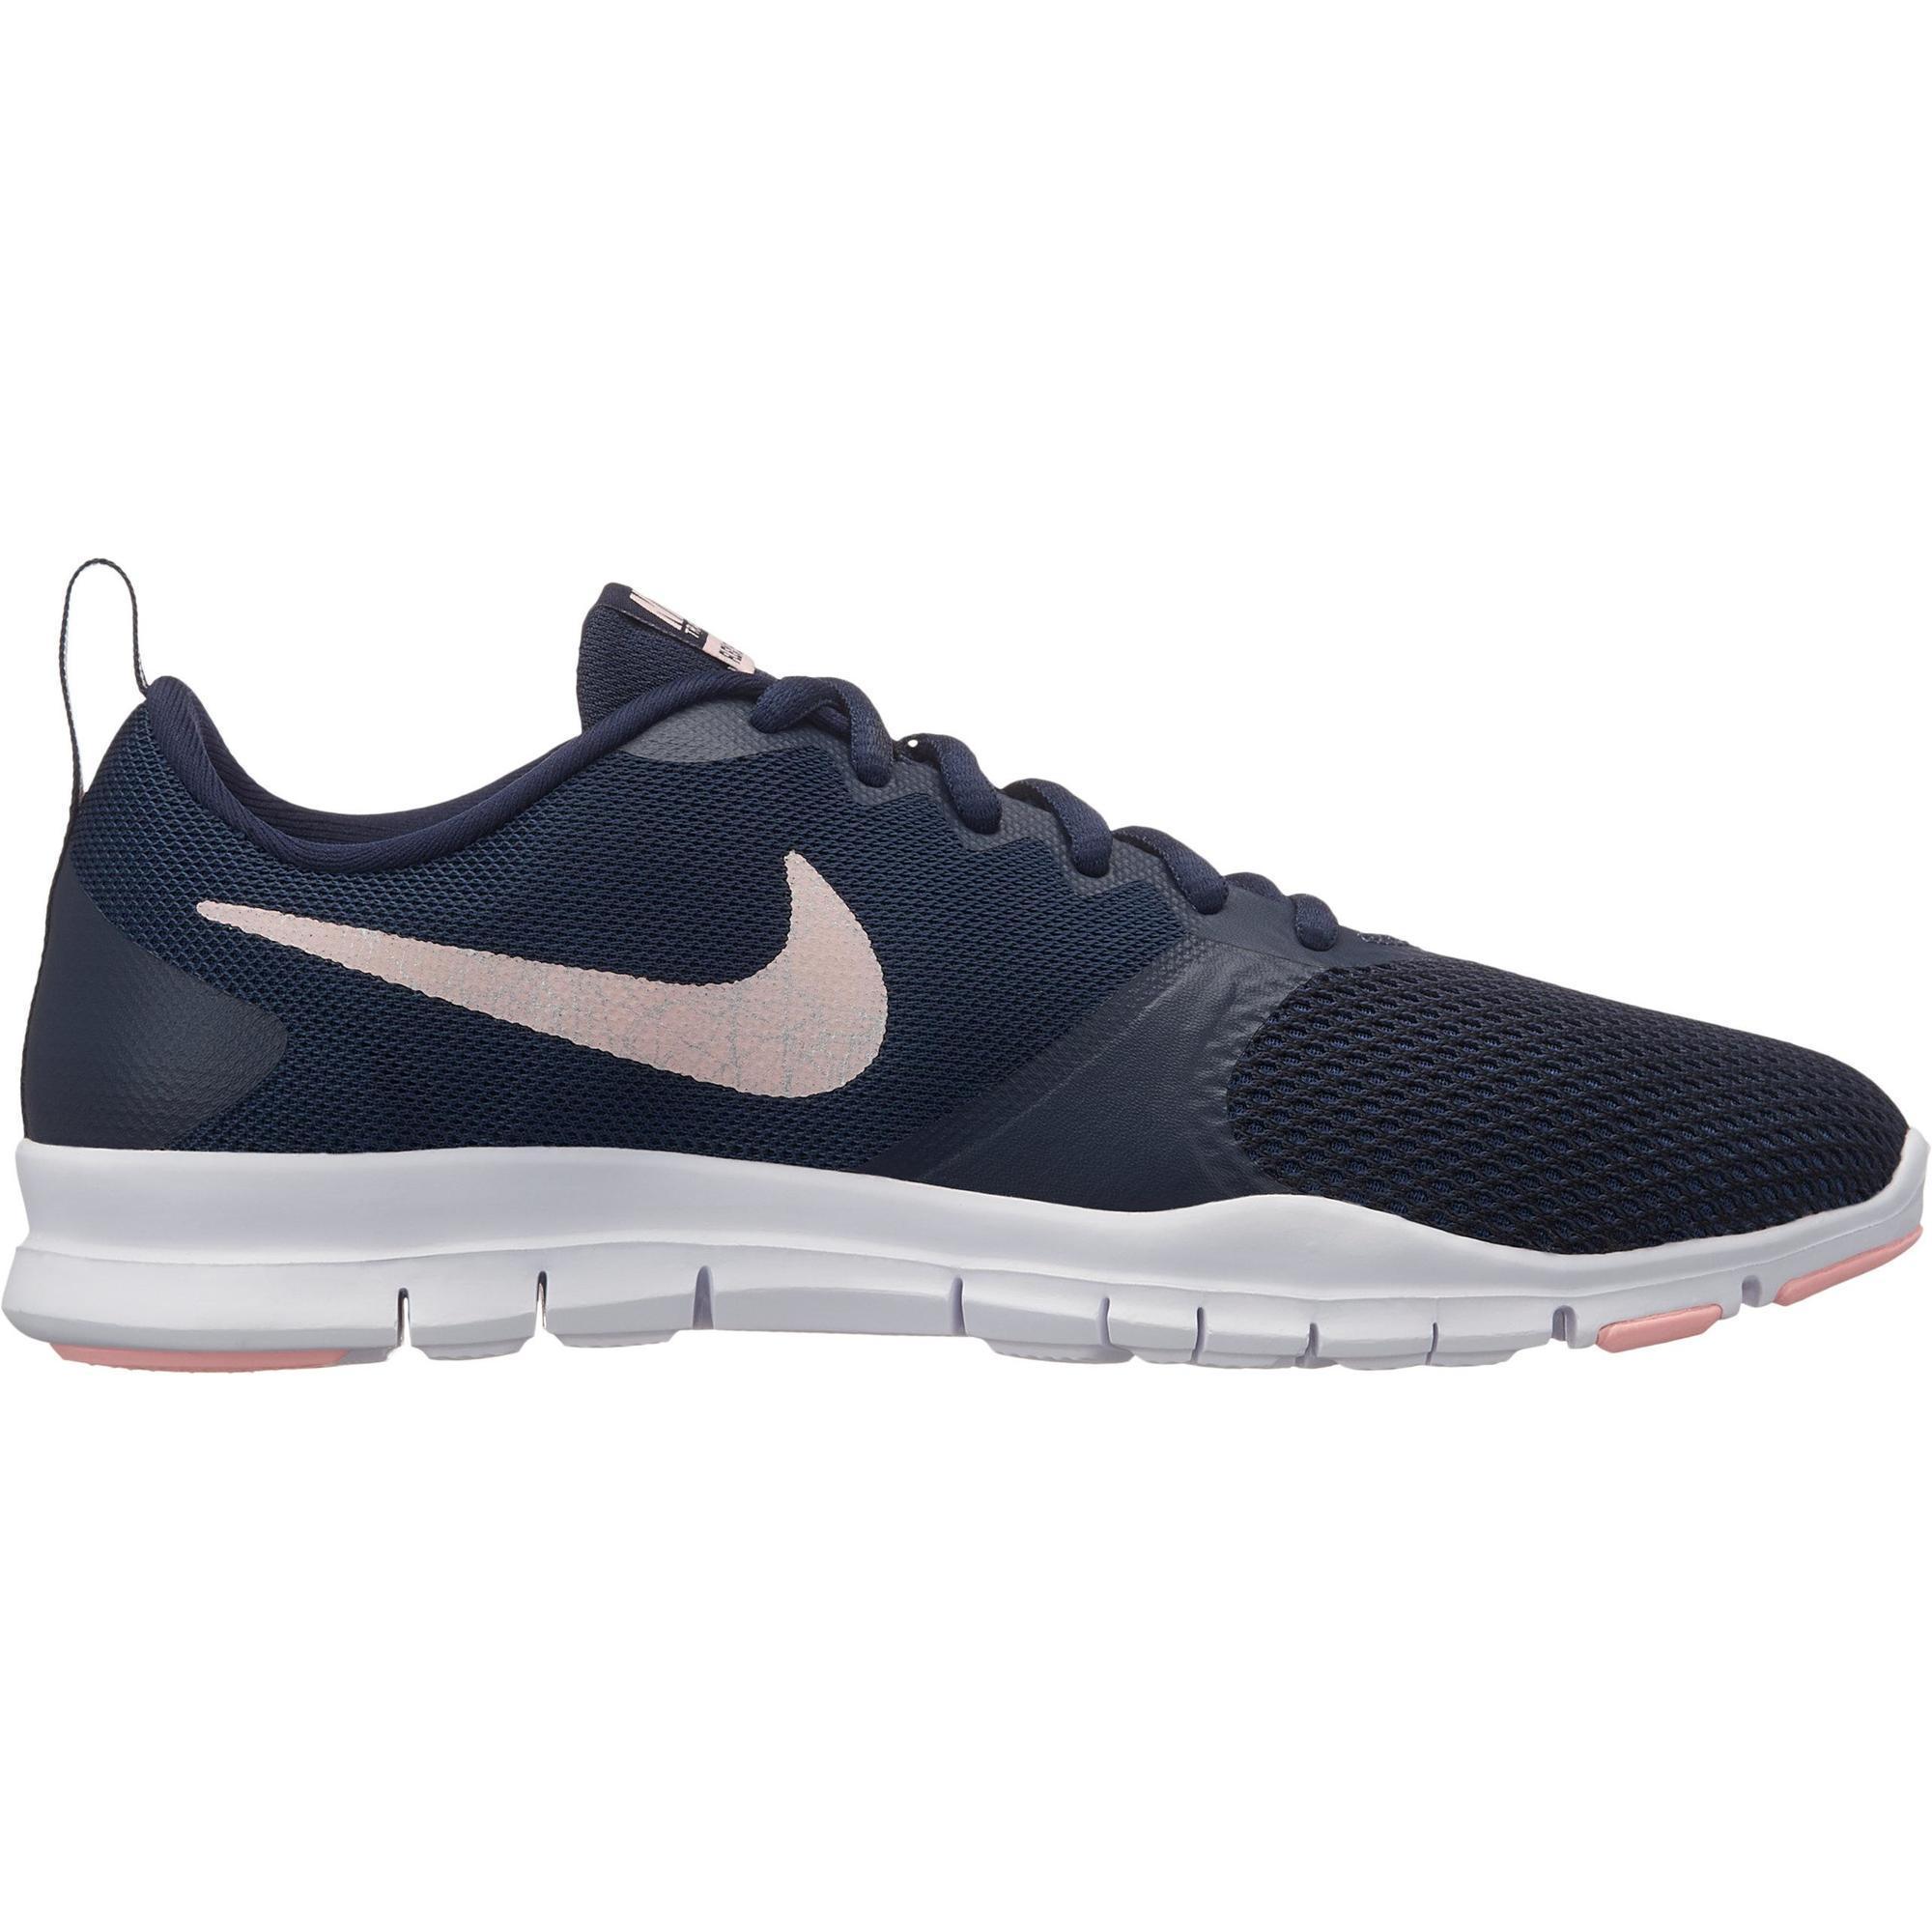 2617329 Nike Cardiofitness schoenen Nike Flex Essential voor dames blauw en roze